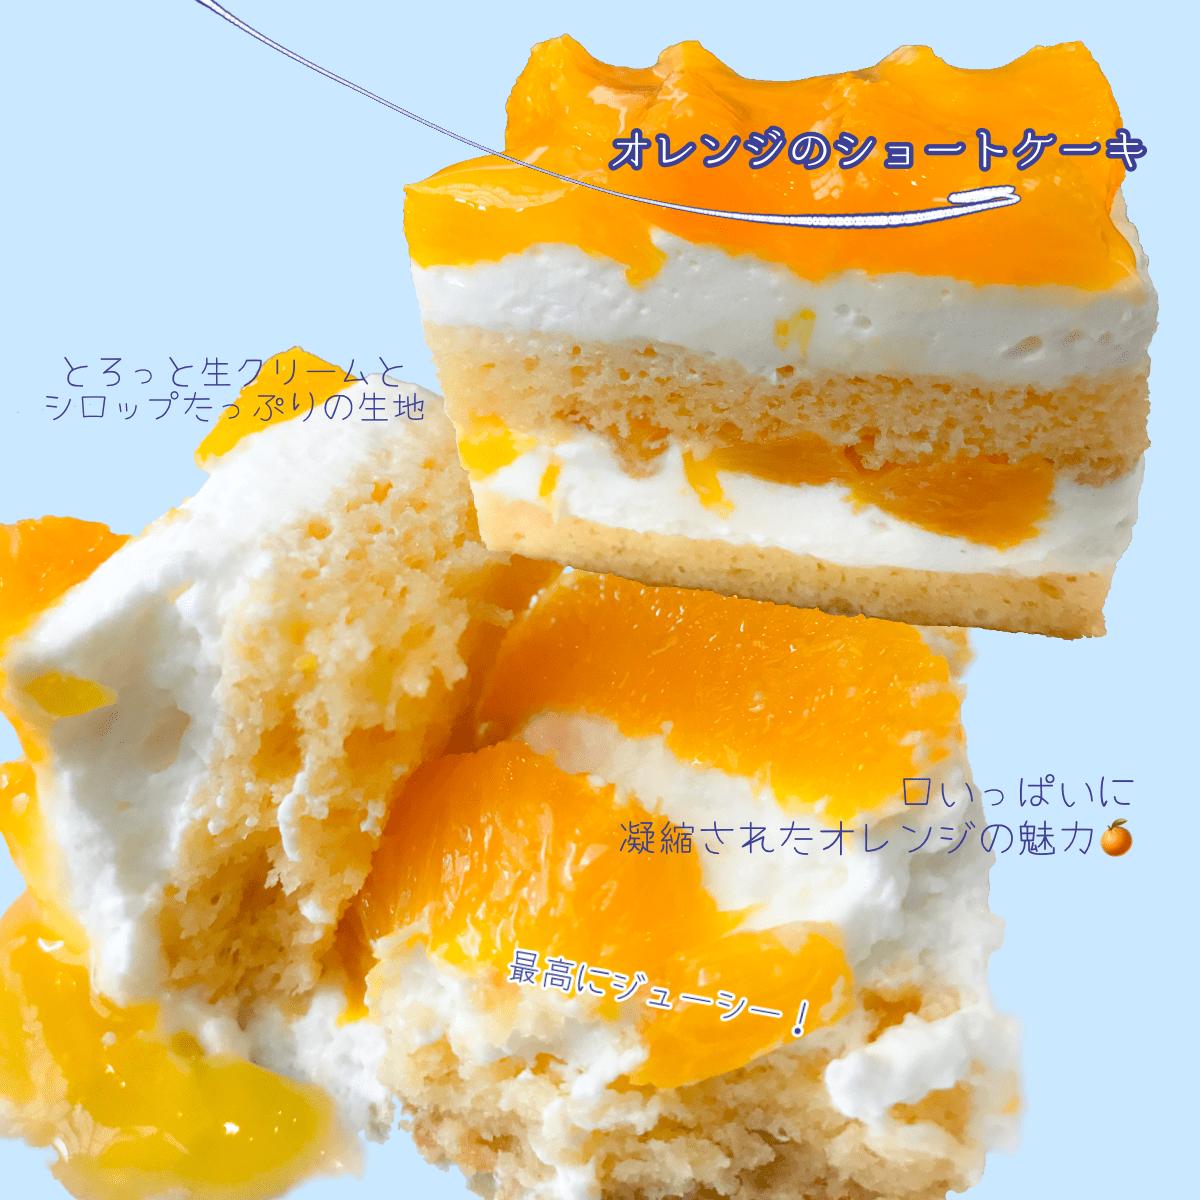 イルプルー【スペシャリテ】オレンジのショートケーキ